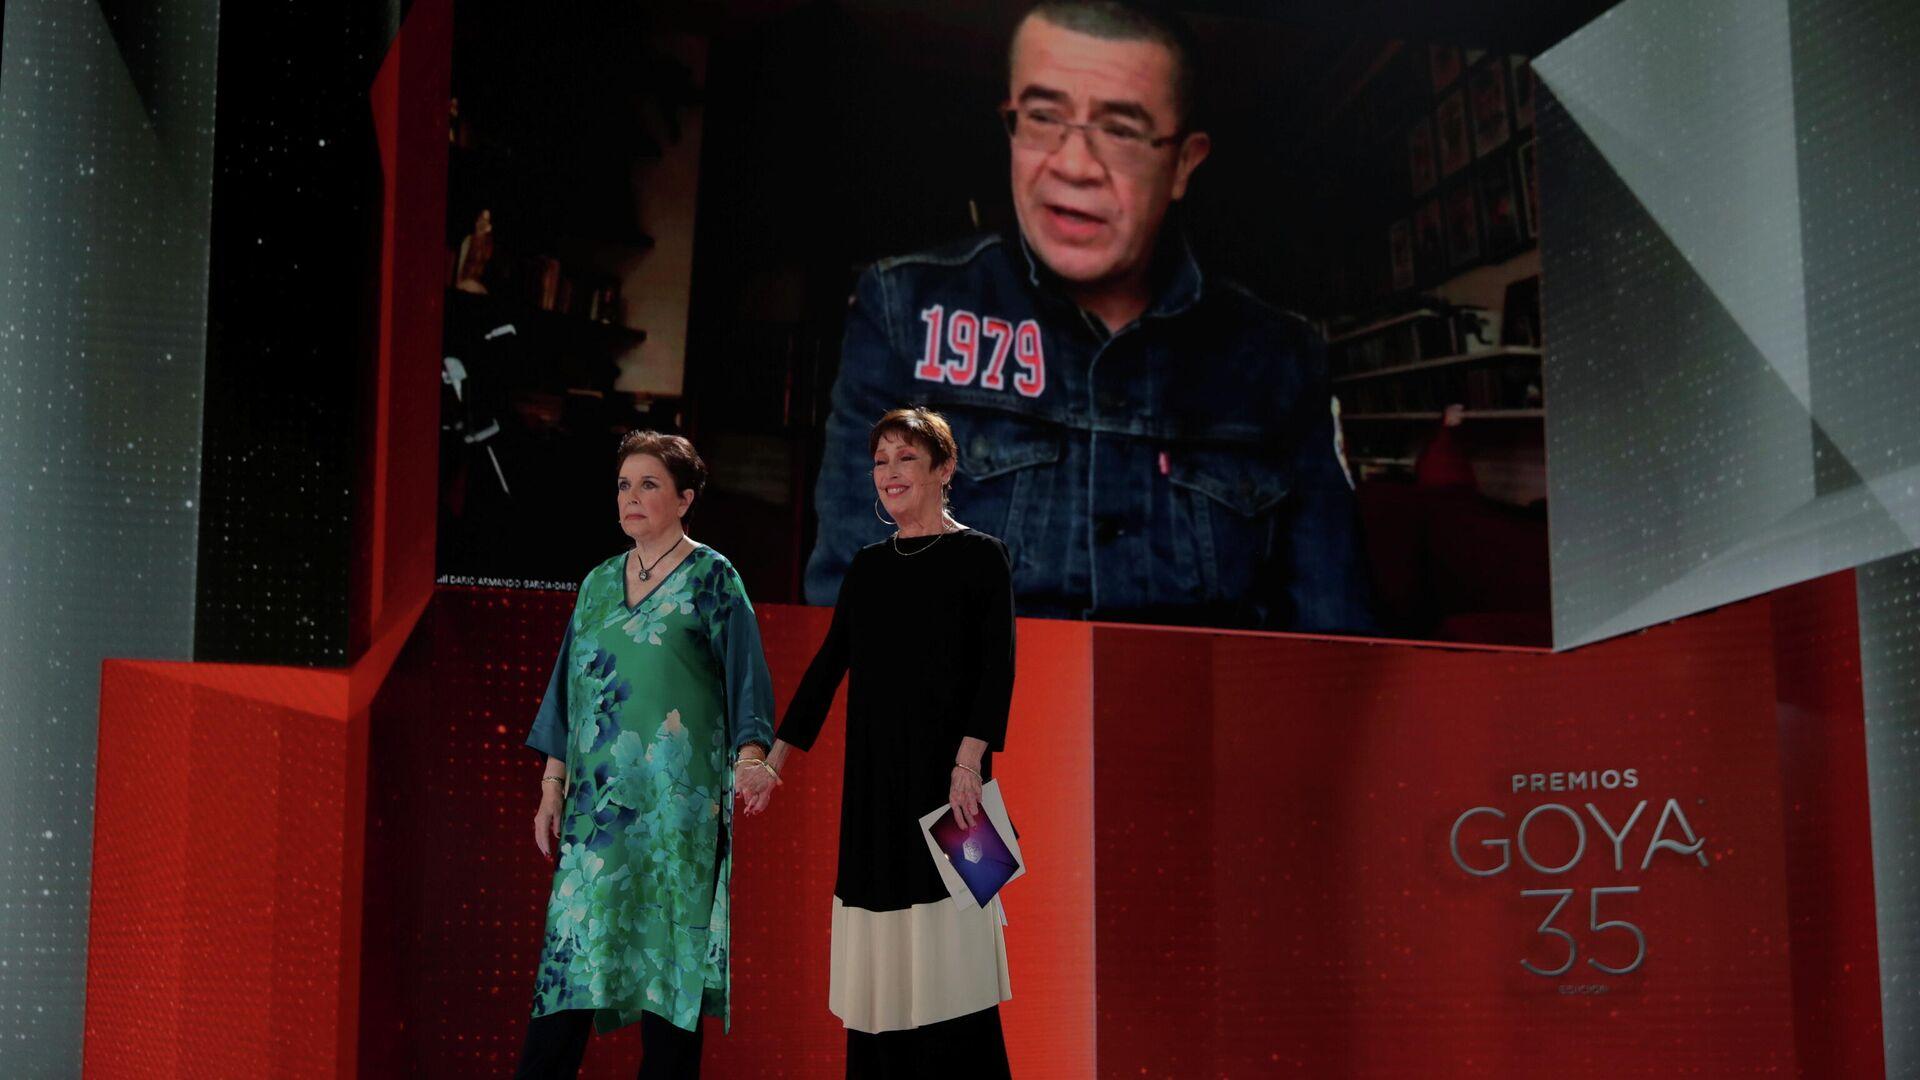 El productor colombiano Dago Garcia y actrices españolas Monica Randall y Veronica Forque en los premios Goya 2021 - Sputnik Mundo, 1920, 07.03.2021